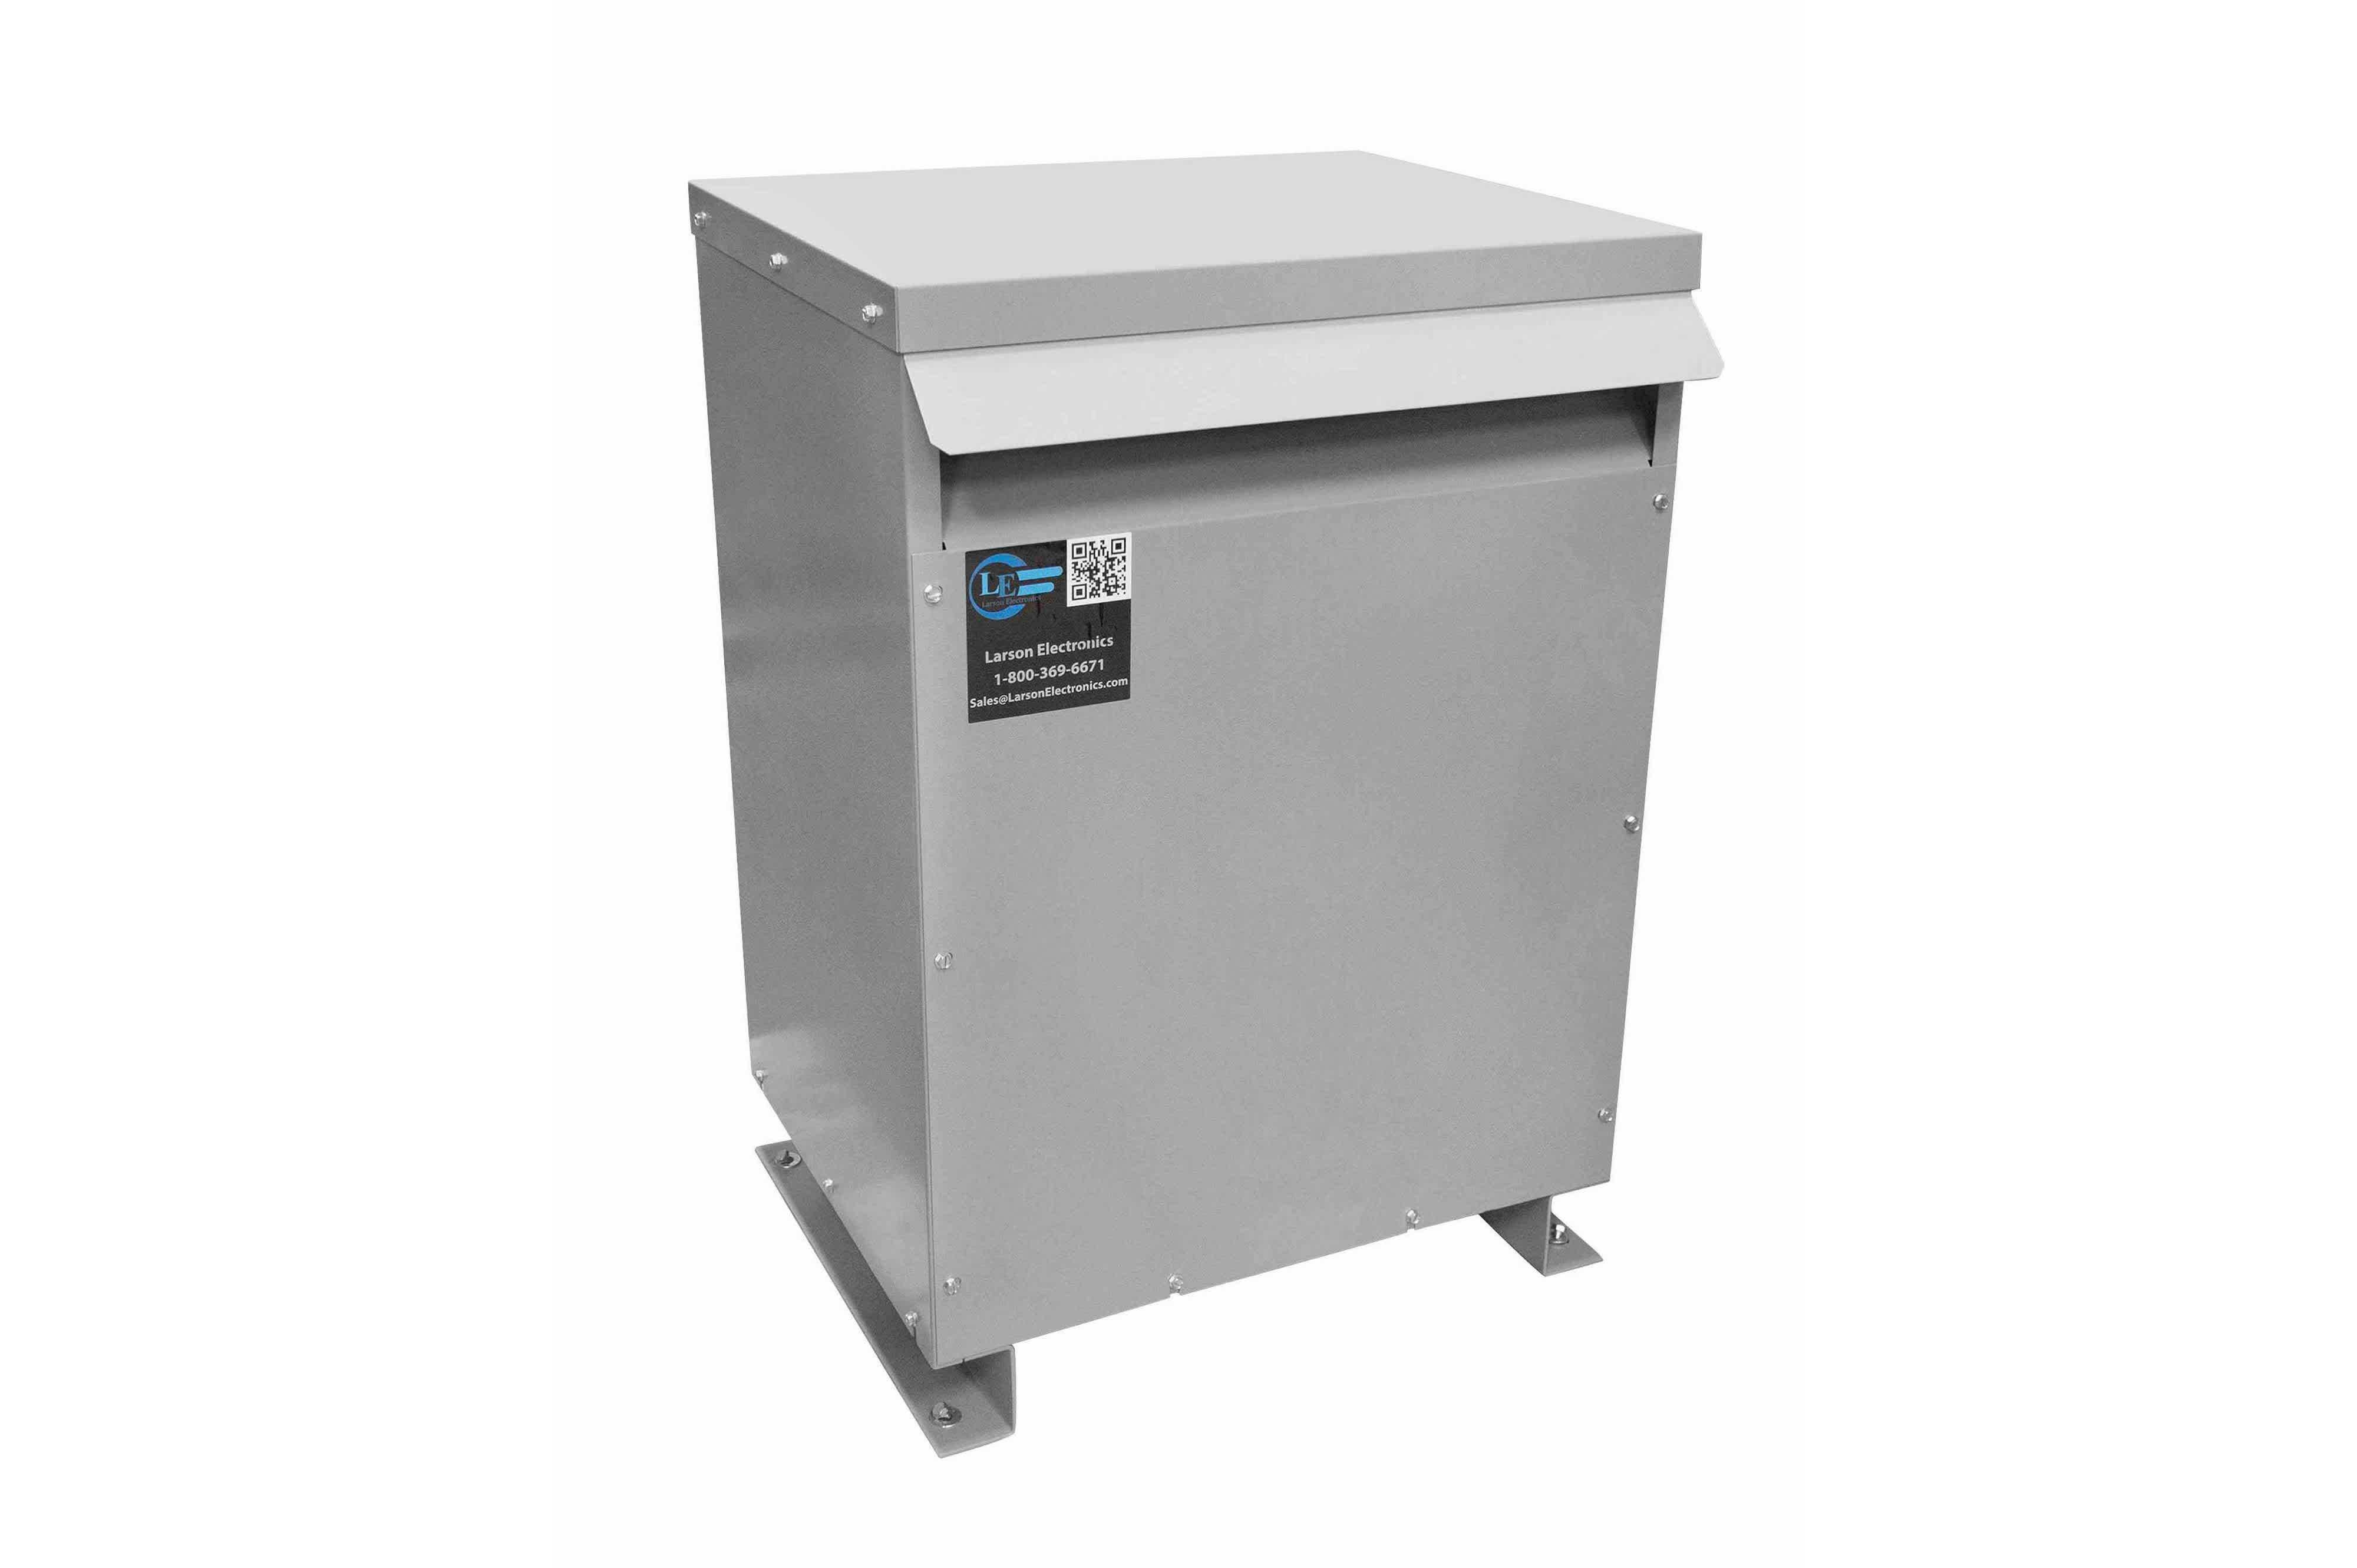 600 kVA 3PH Isolation Transformer, 480V Delta Primary, 480V Delta Secondary, N3R, Ventilated, 60 Hz